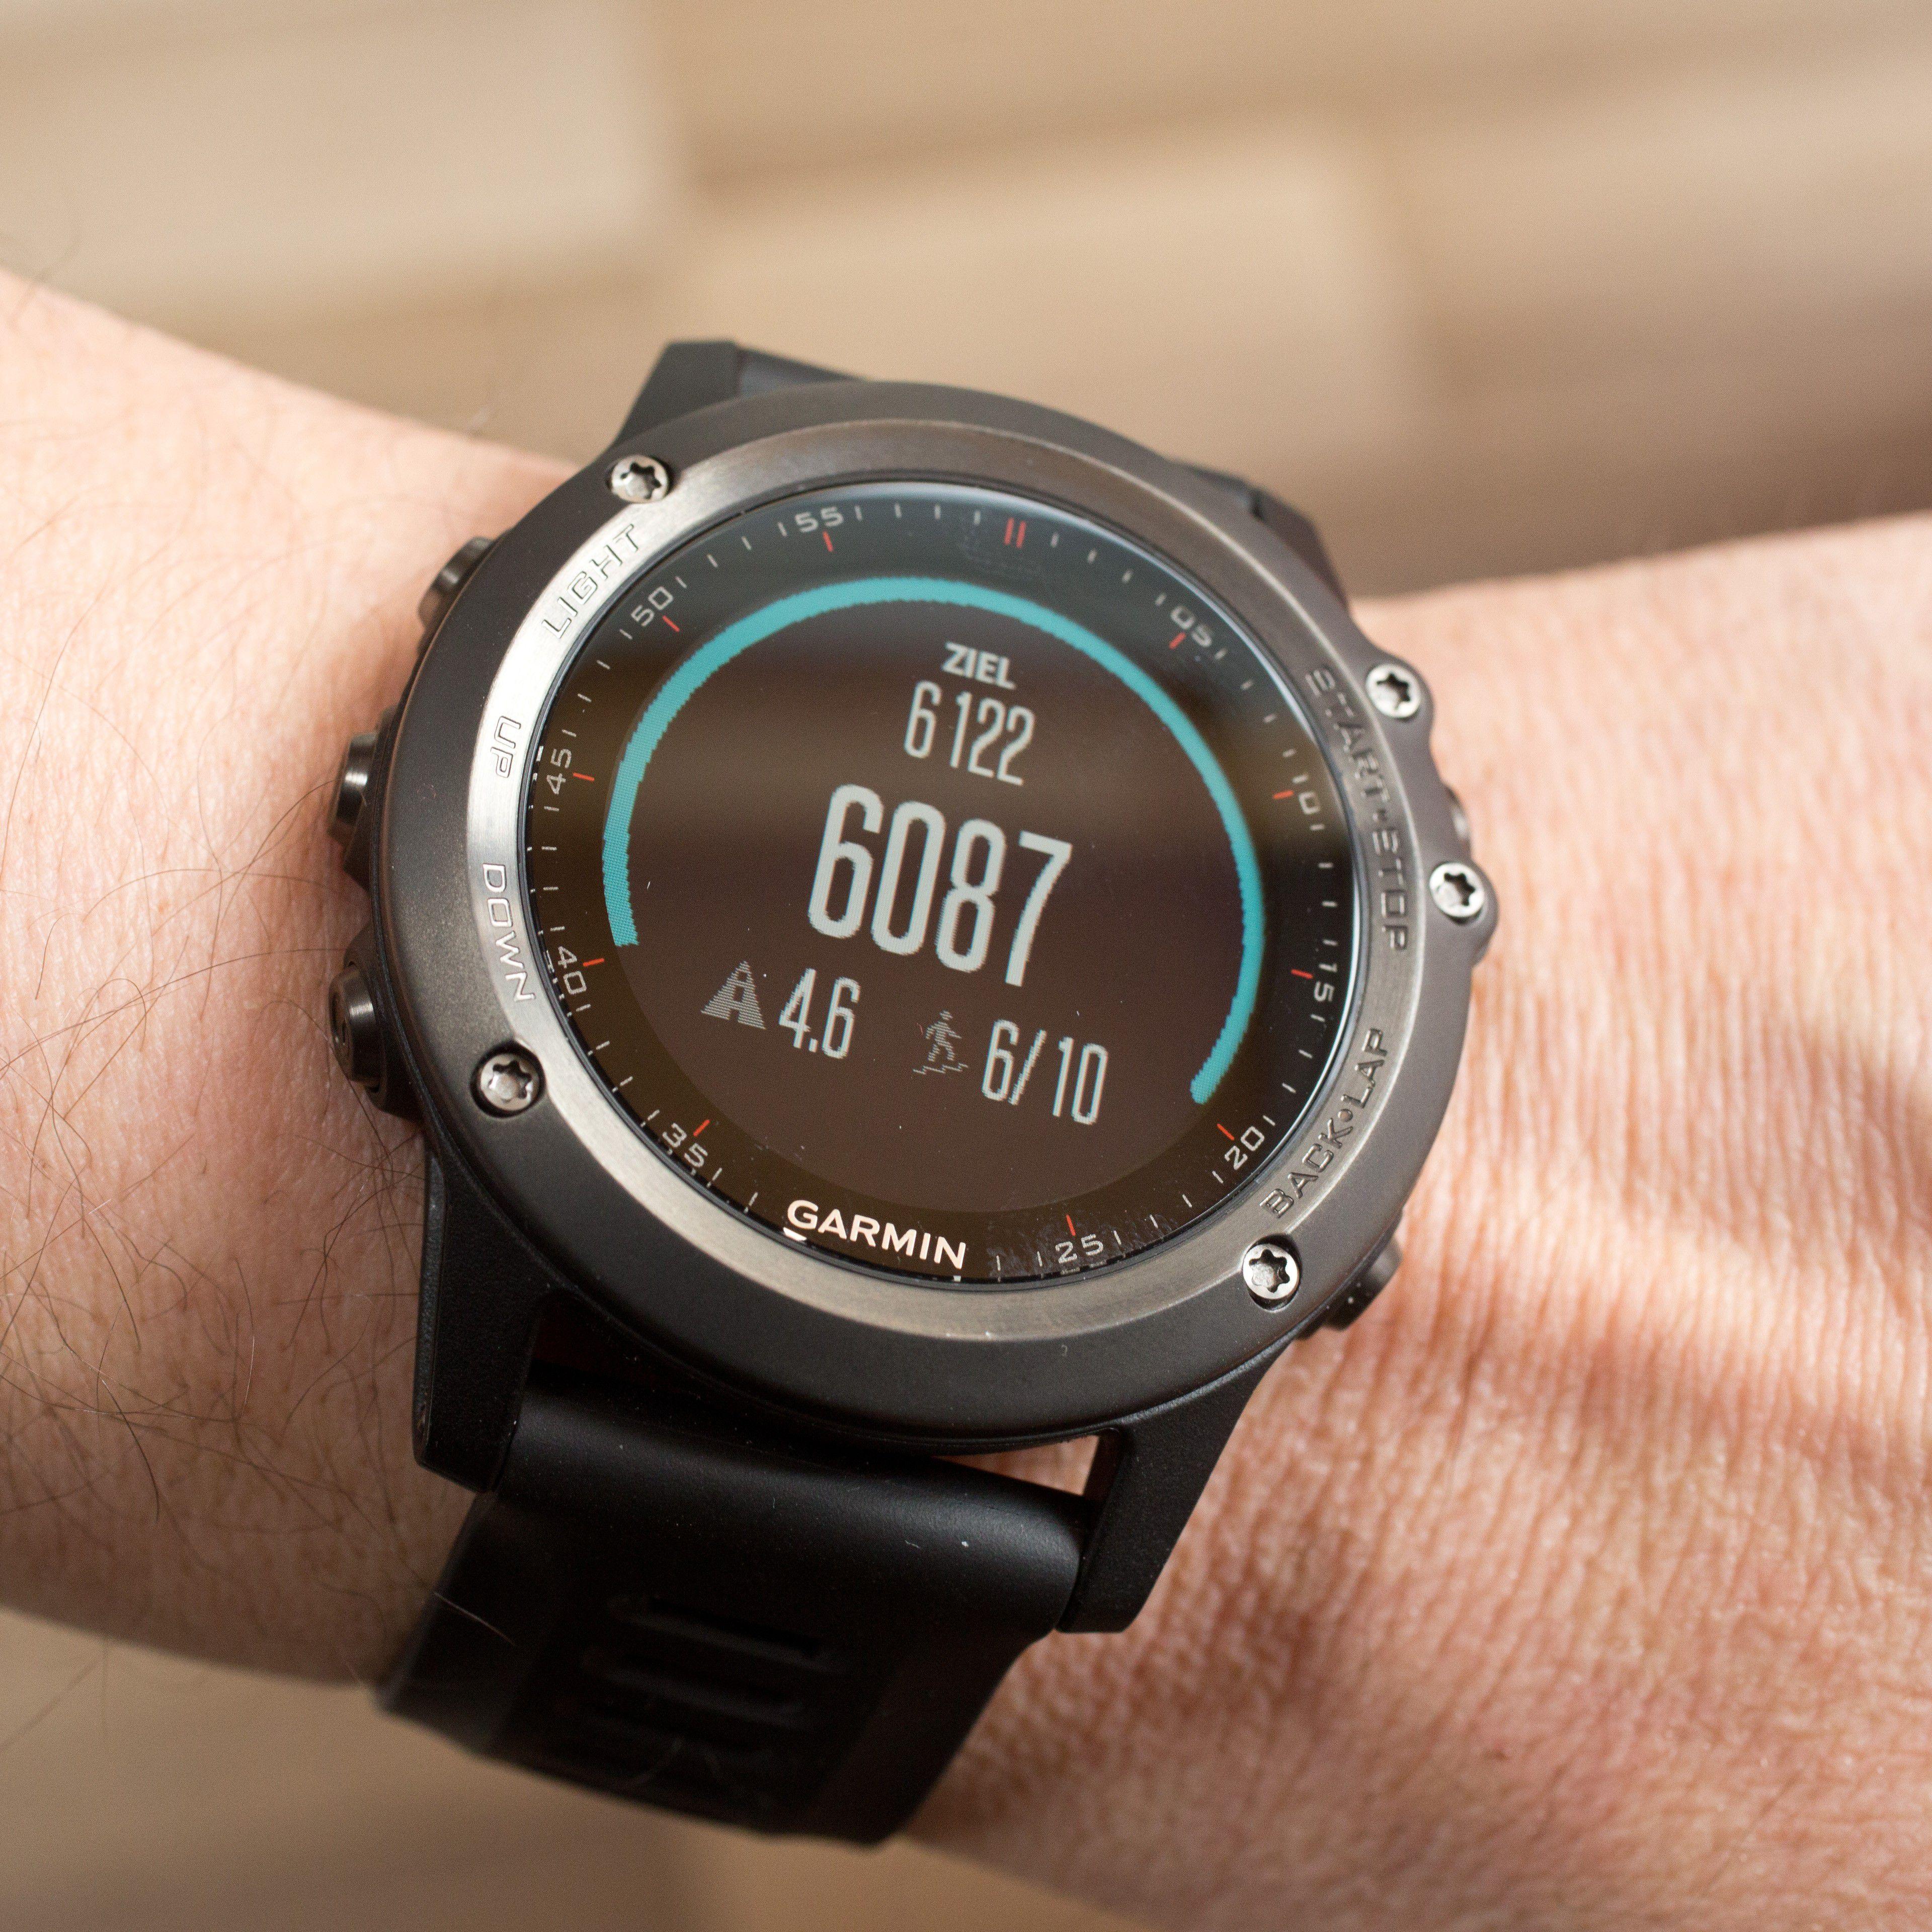 smartwatch und fitness tracker von garmin im test pc welt. Black Bedroom Furniture Sets. Home Design Ideas